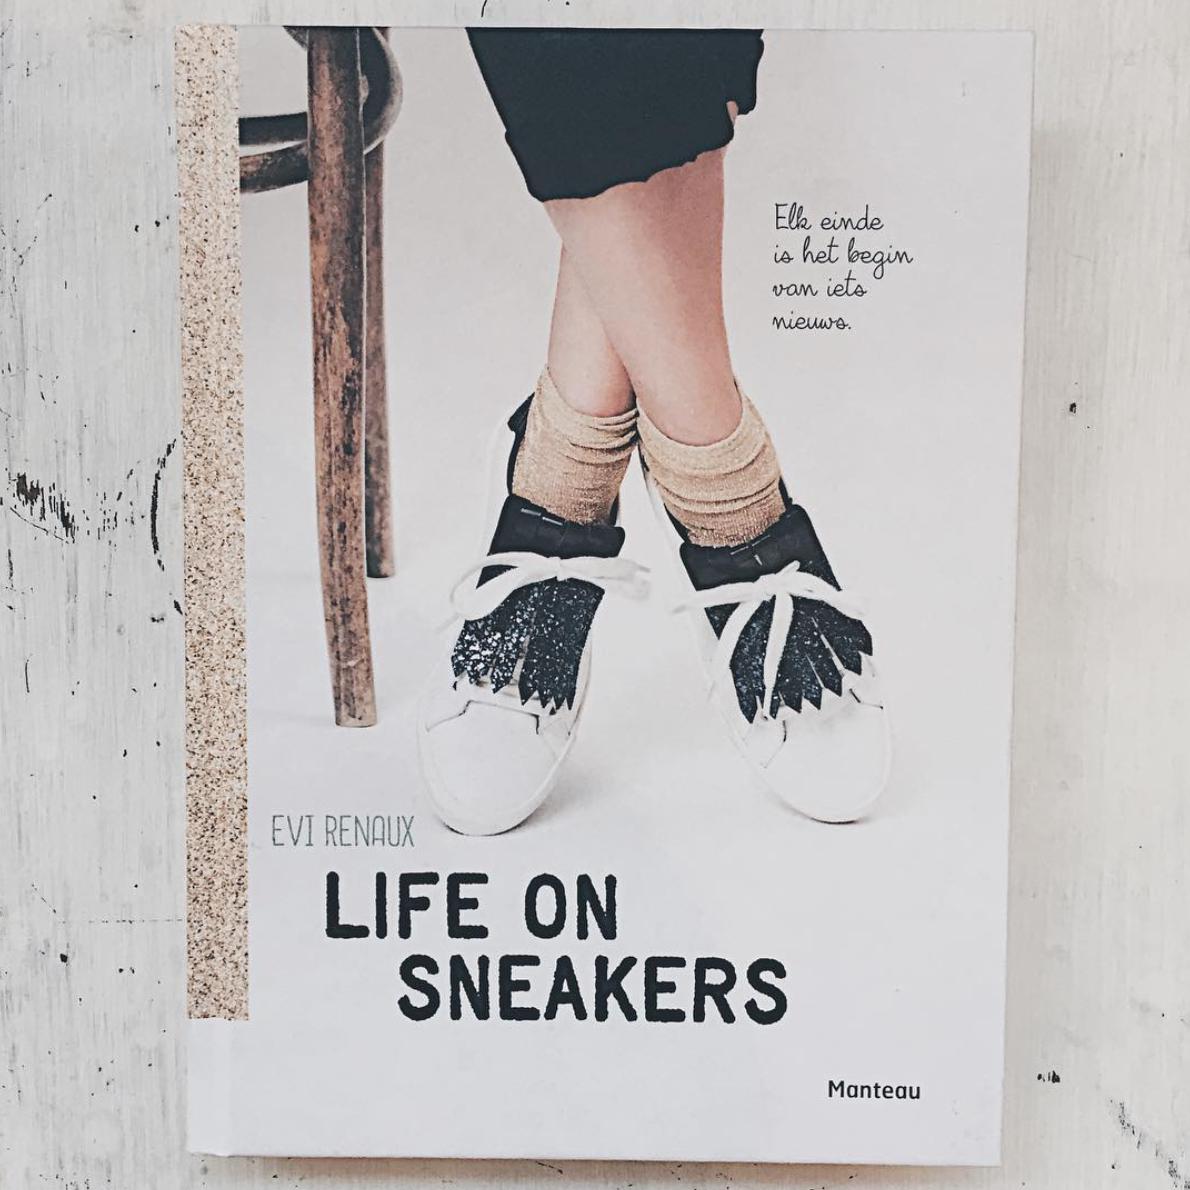 Fenna's boekclub: Life on sneakers van Evi Renaux #5